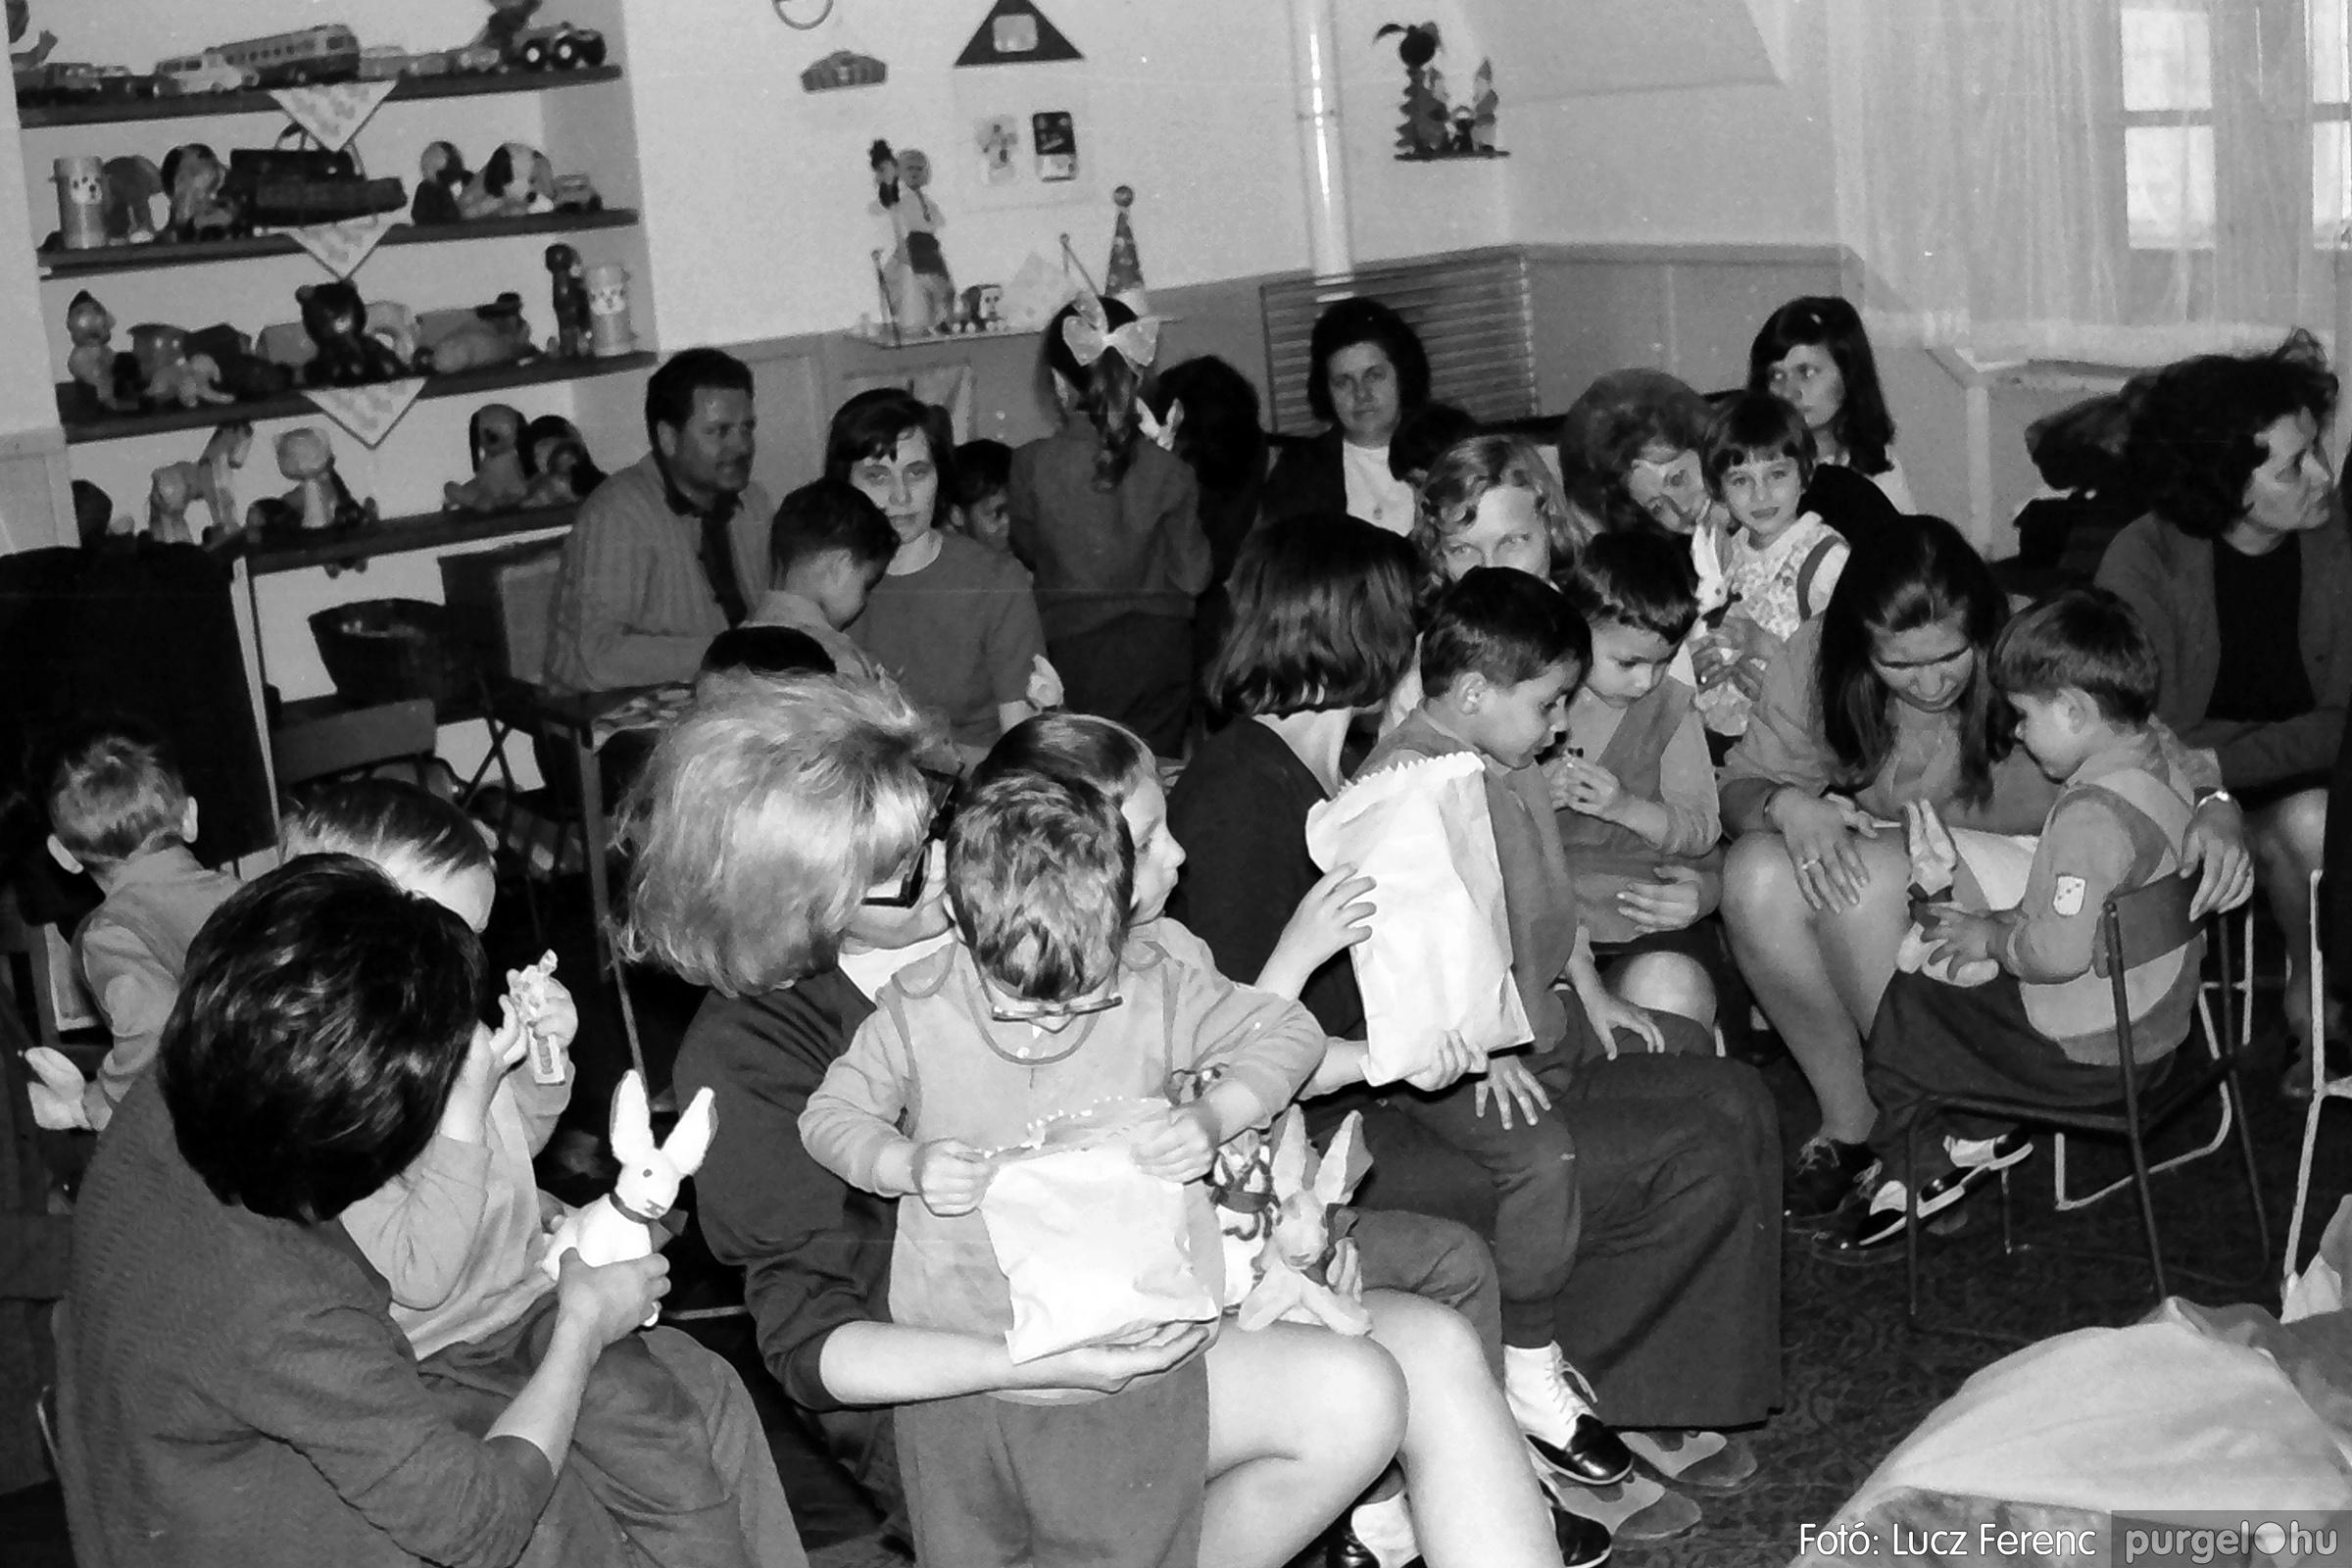 044. 1976. Látogatás a gyermekotthonban 008. - Fotó: Lucz Ferenc.jpg